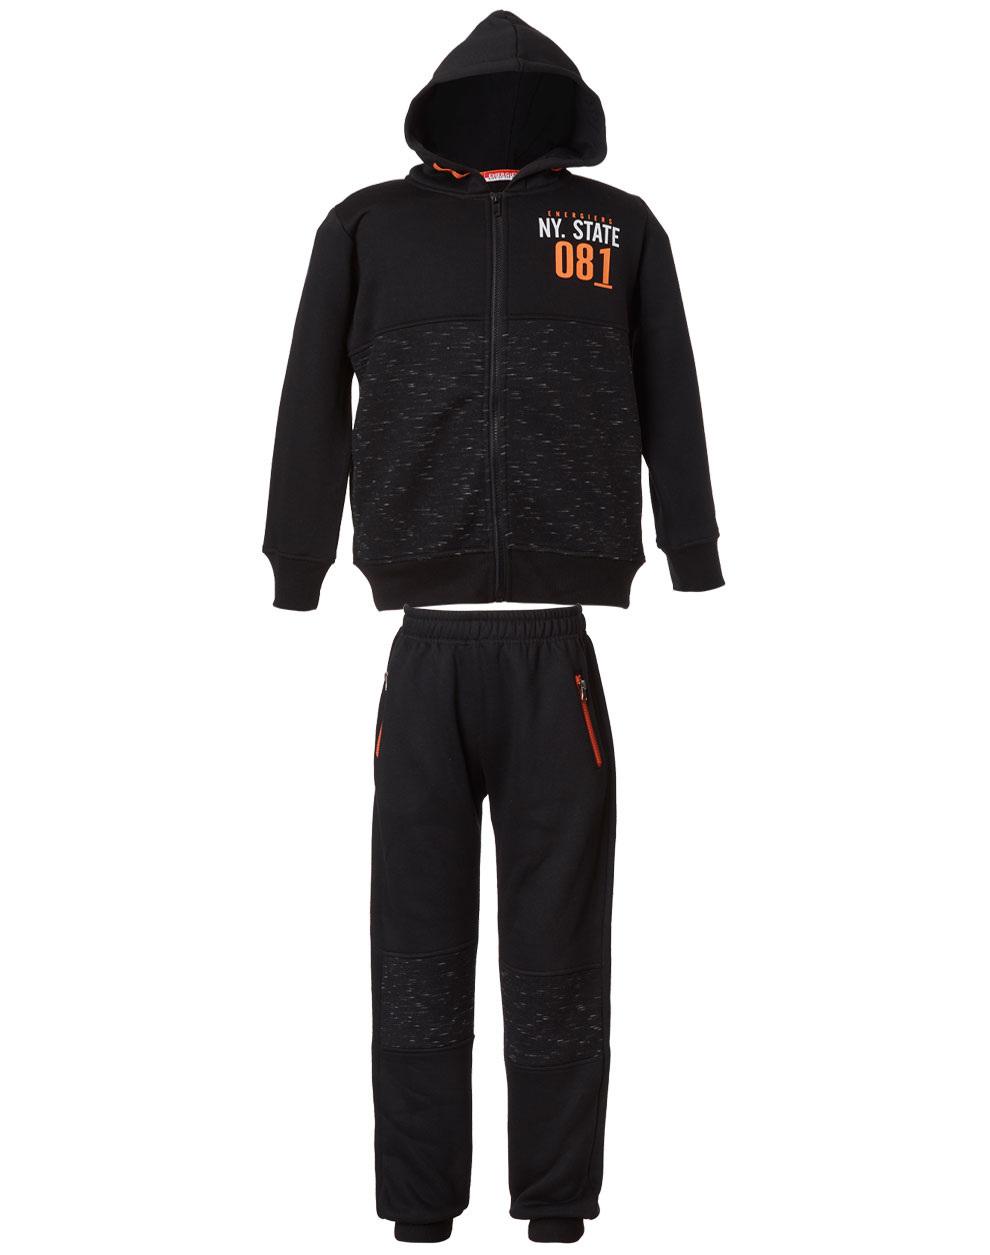 Φόρμα ζακέτα και παντελόνι φούτερ με patches στο γόνατο 13-119031-0 - Μαύρο - 16089-10/12/1/106